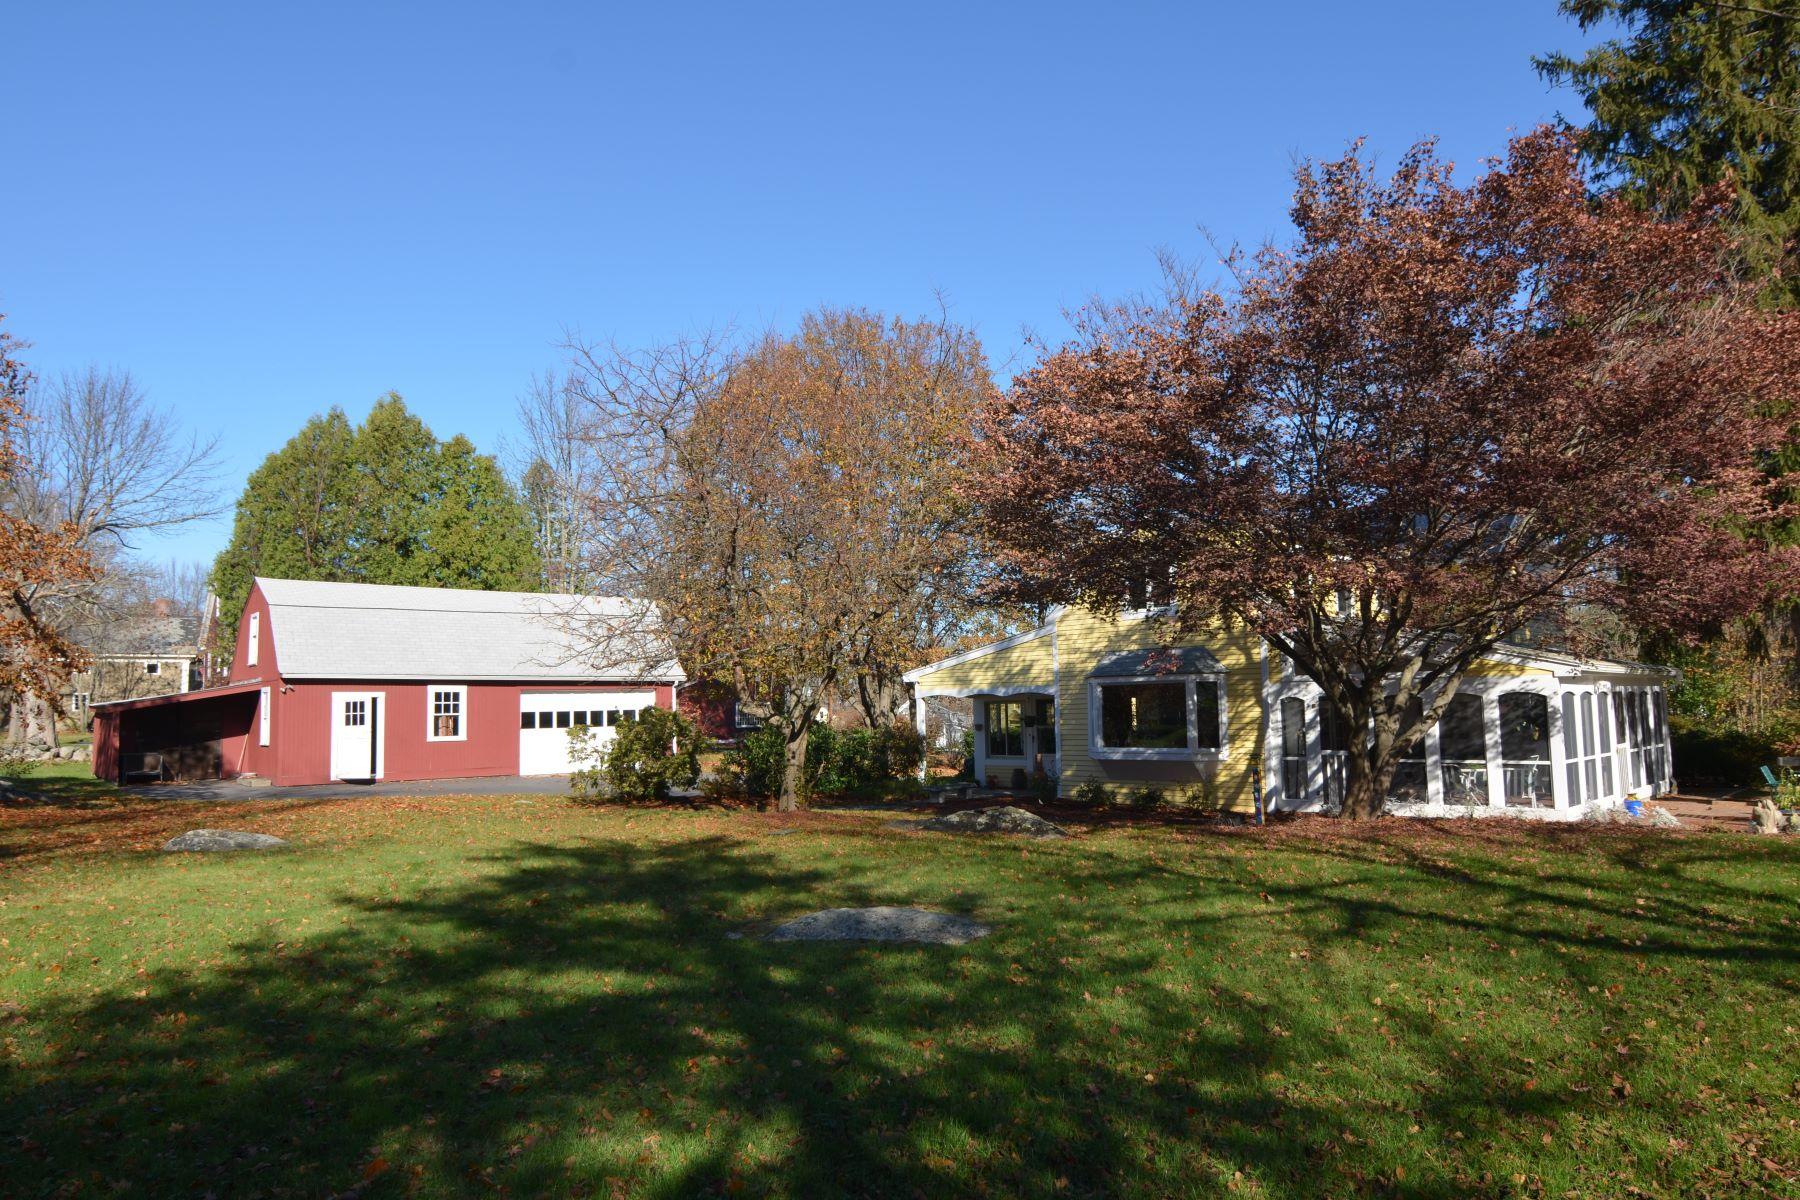 Casa Unifamiliar por un Venta en 24 Fairbanks 24 Fairbanks Street Harvard, Massachusetts 01451 Estados Unidos